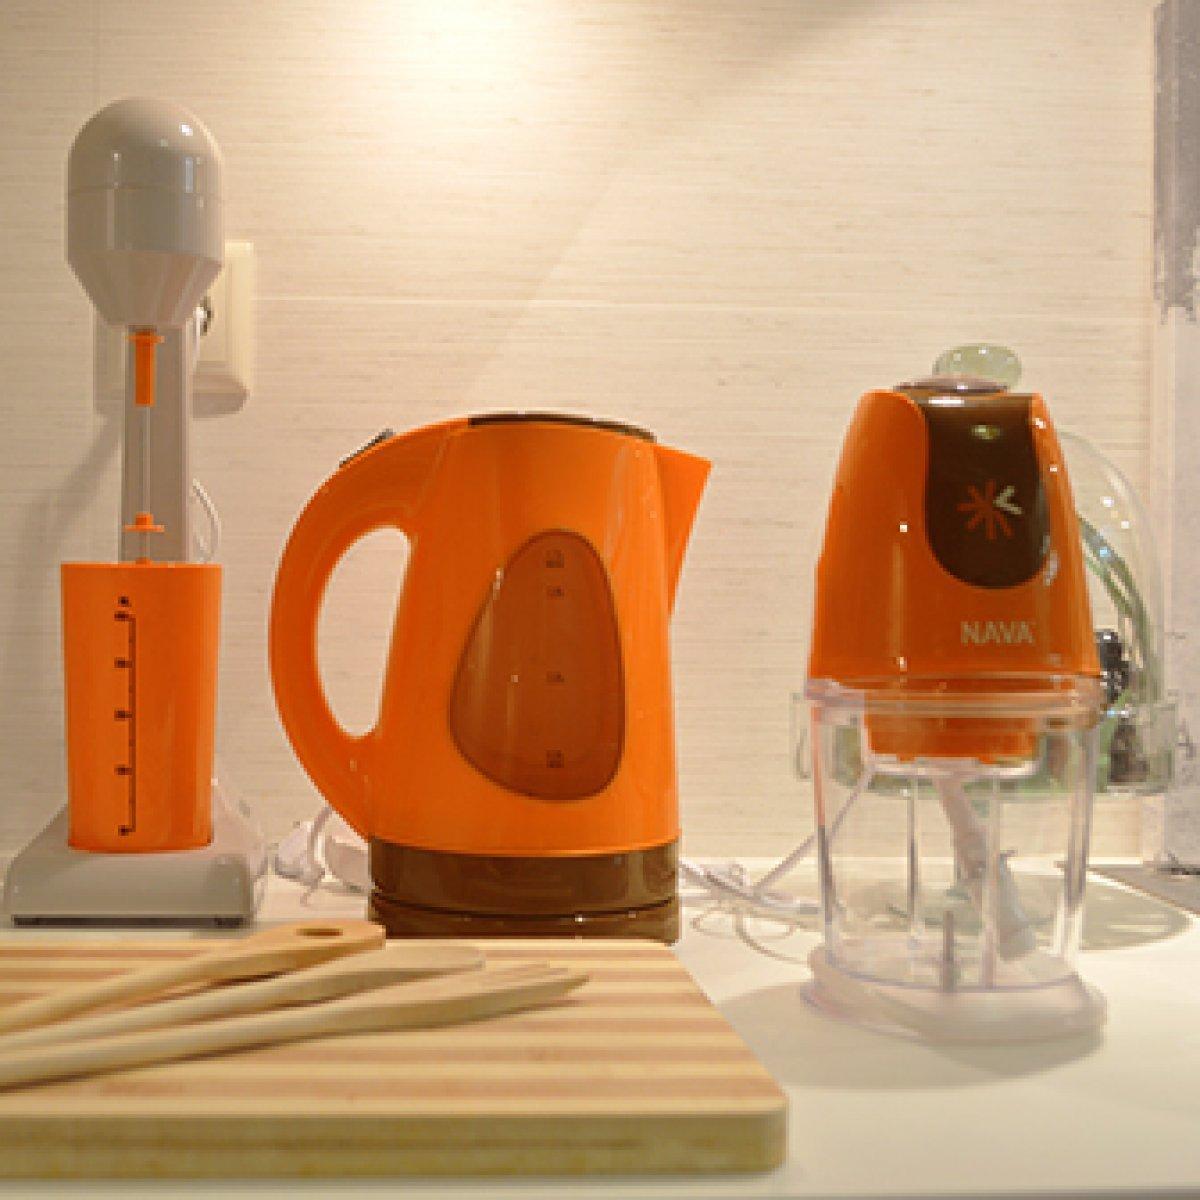 Ηλεκτρικές συσκεύες Nava | Mymegamarket.gr